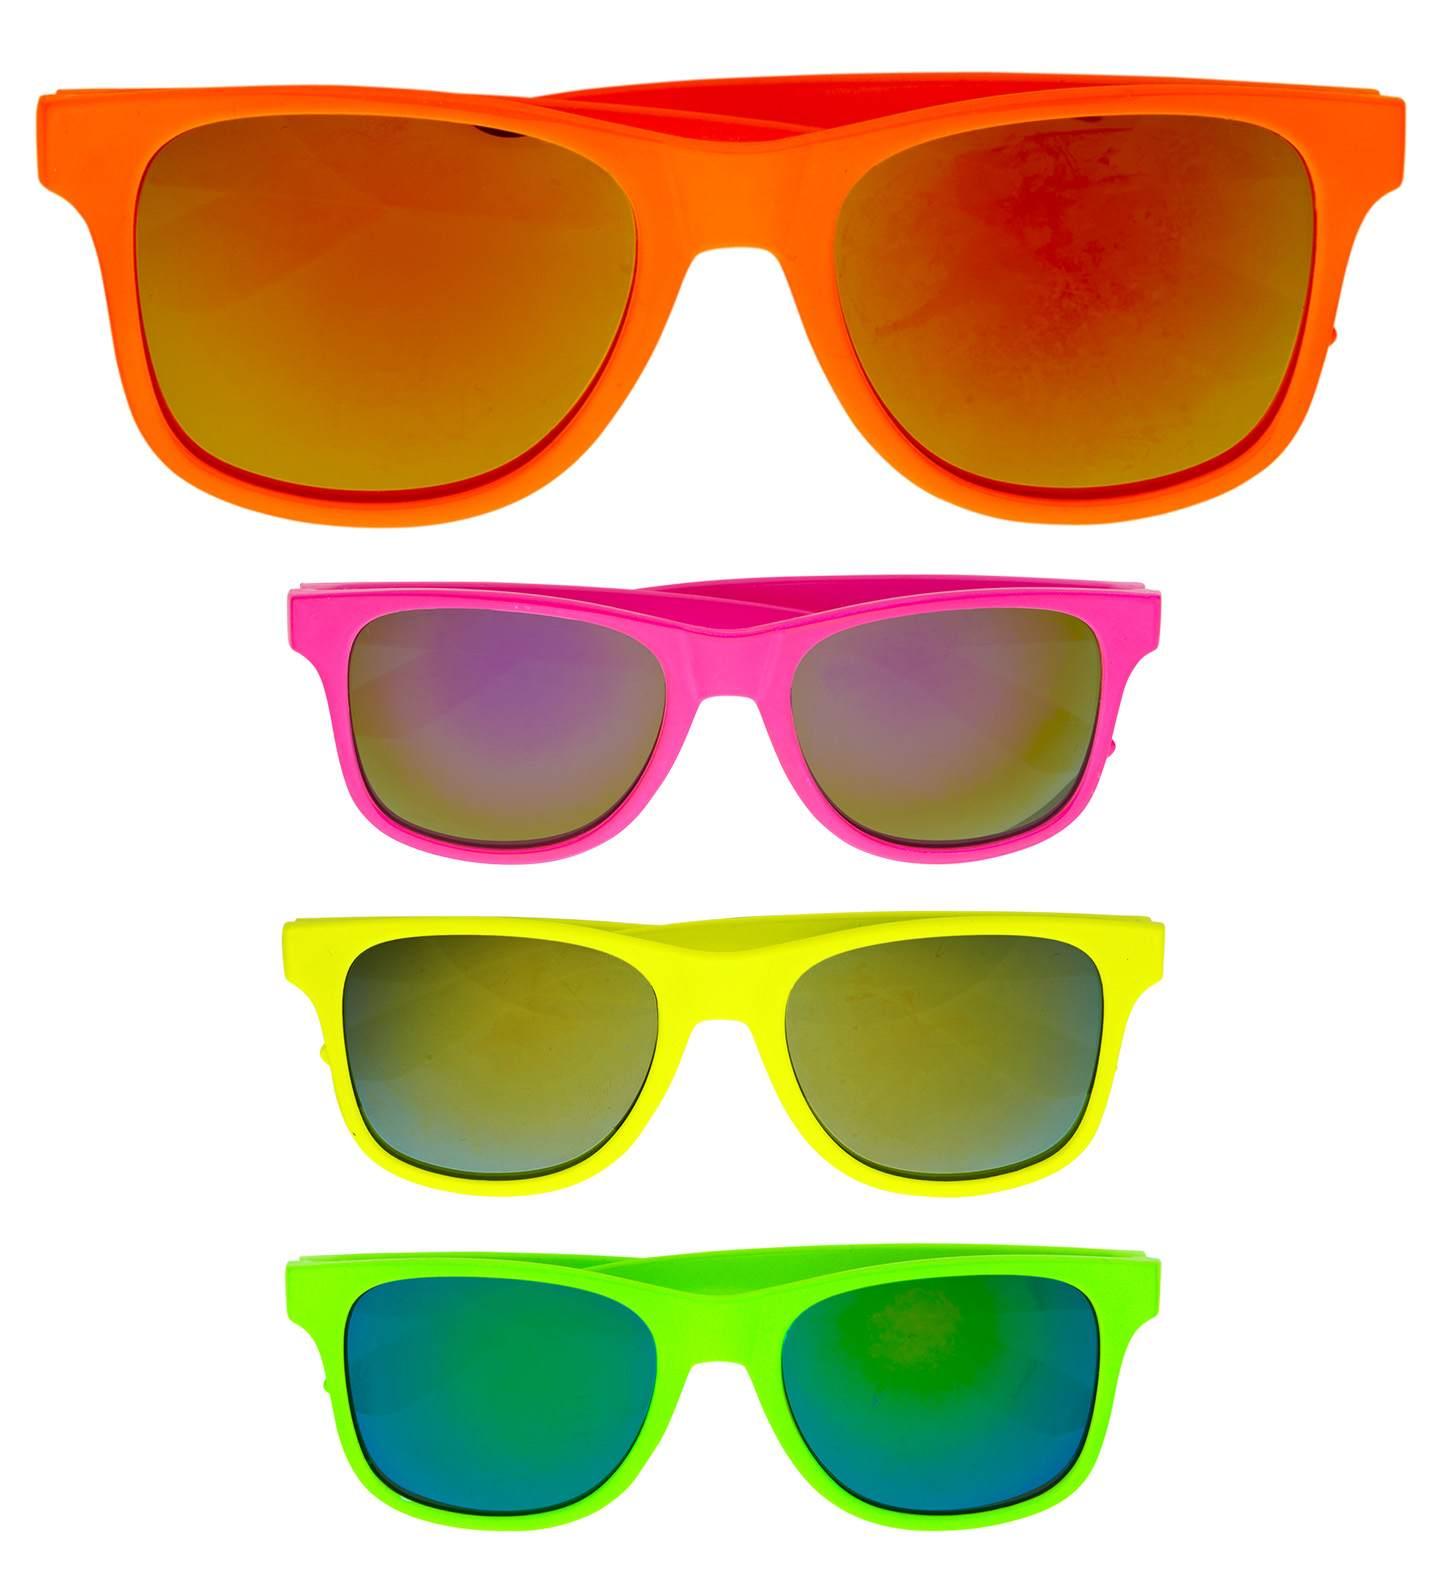 Αποκριάτικα Γυαλιά (Πωλούνται Χωριστά Ανα Χρώμα)